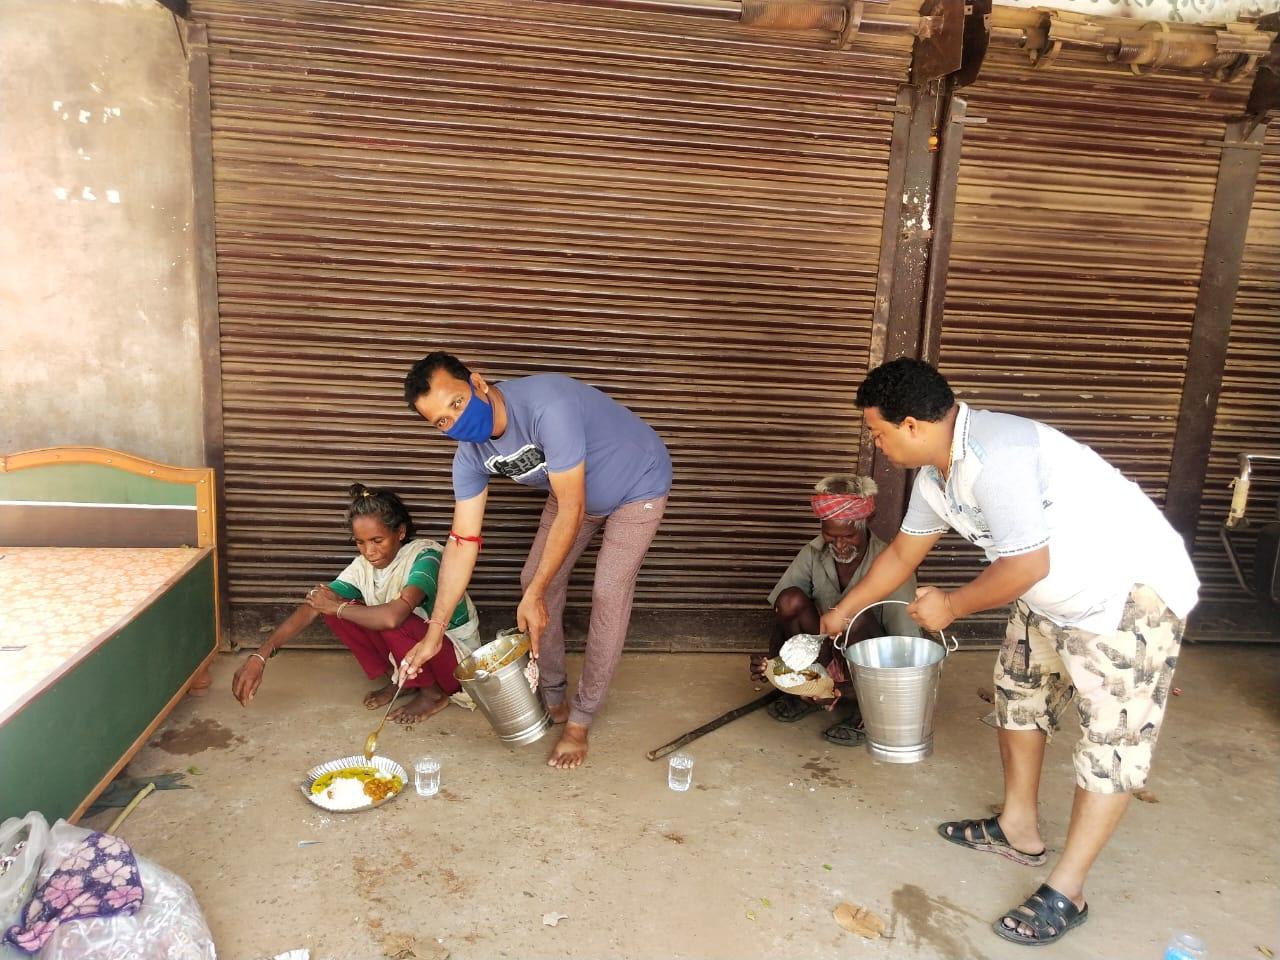 रायपुर : लॉकडाउन: दो हजार से अधिक निराश्रित व्यक्तियों तक पहुंचाया निःशुल्क ताजा भोजन